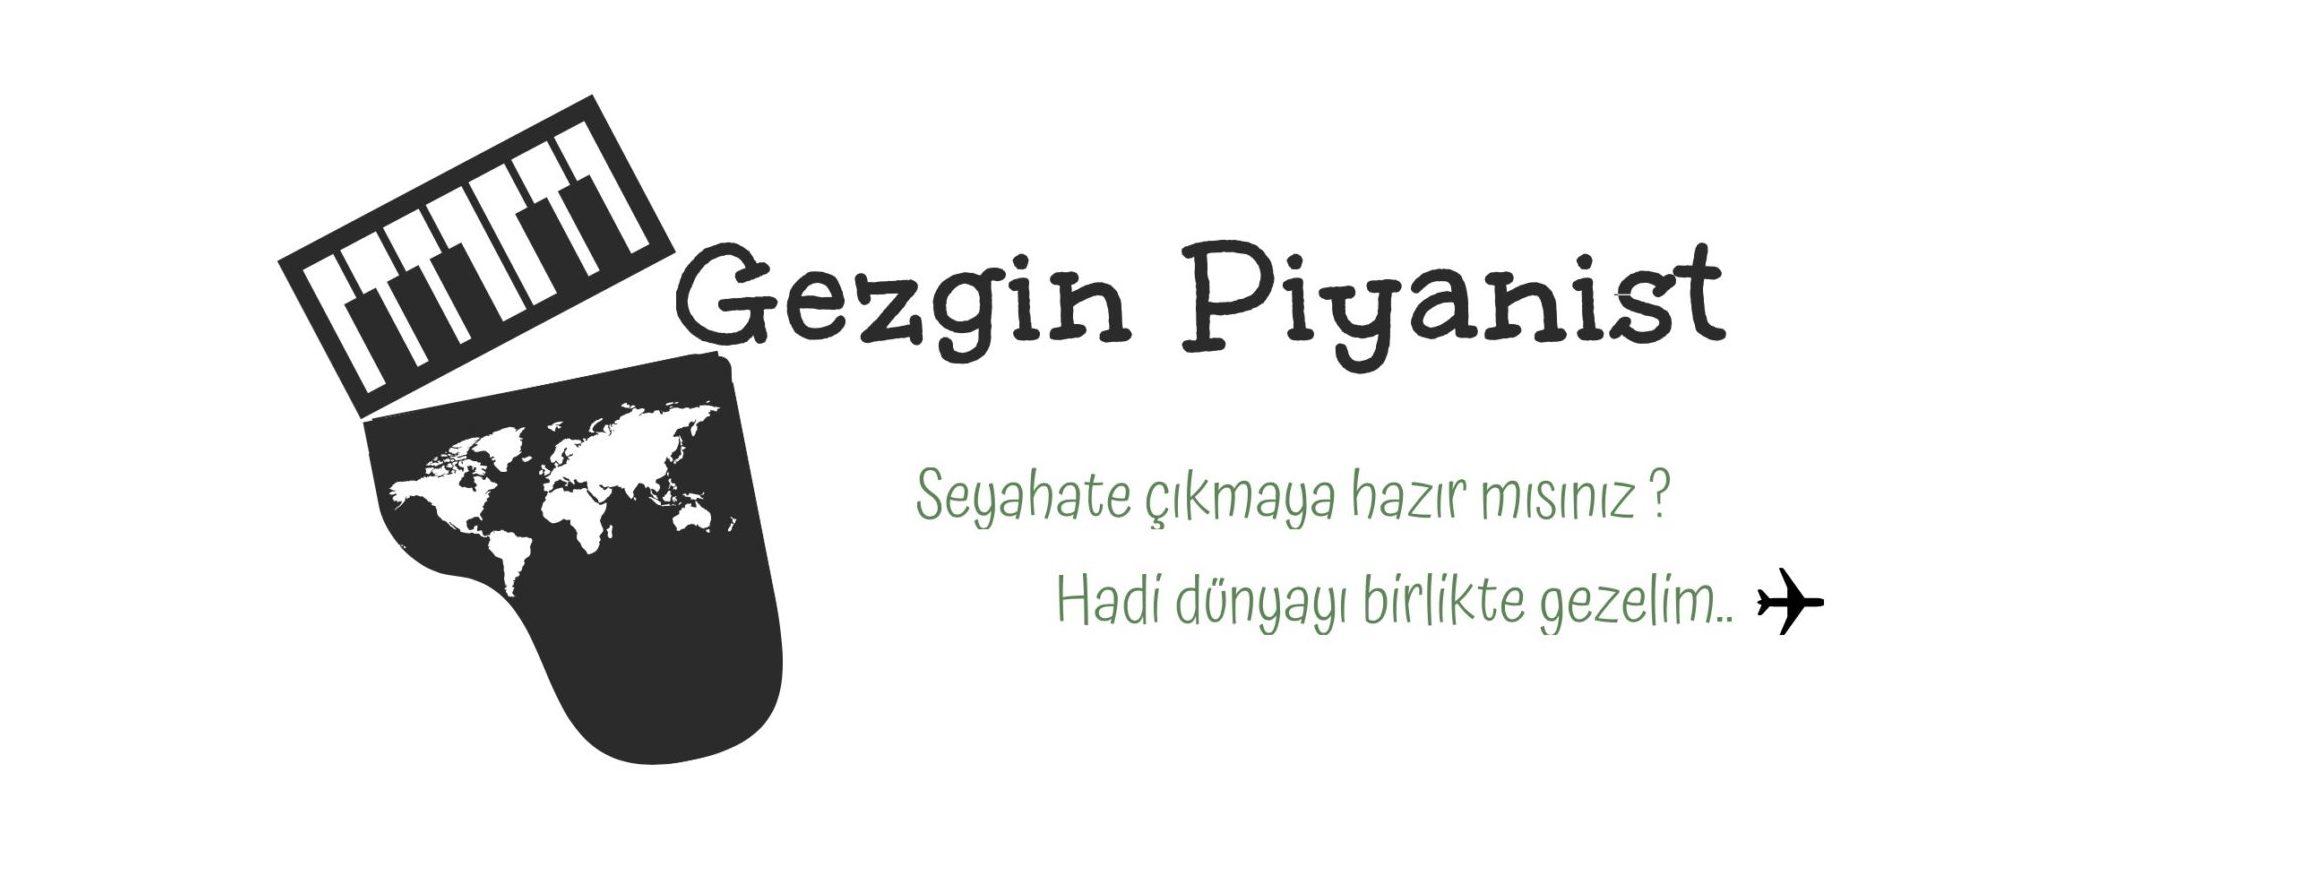 Gezgin Piyanist